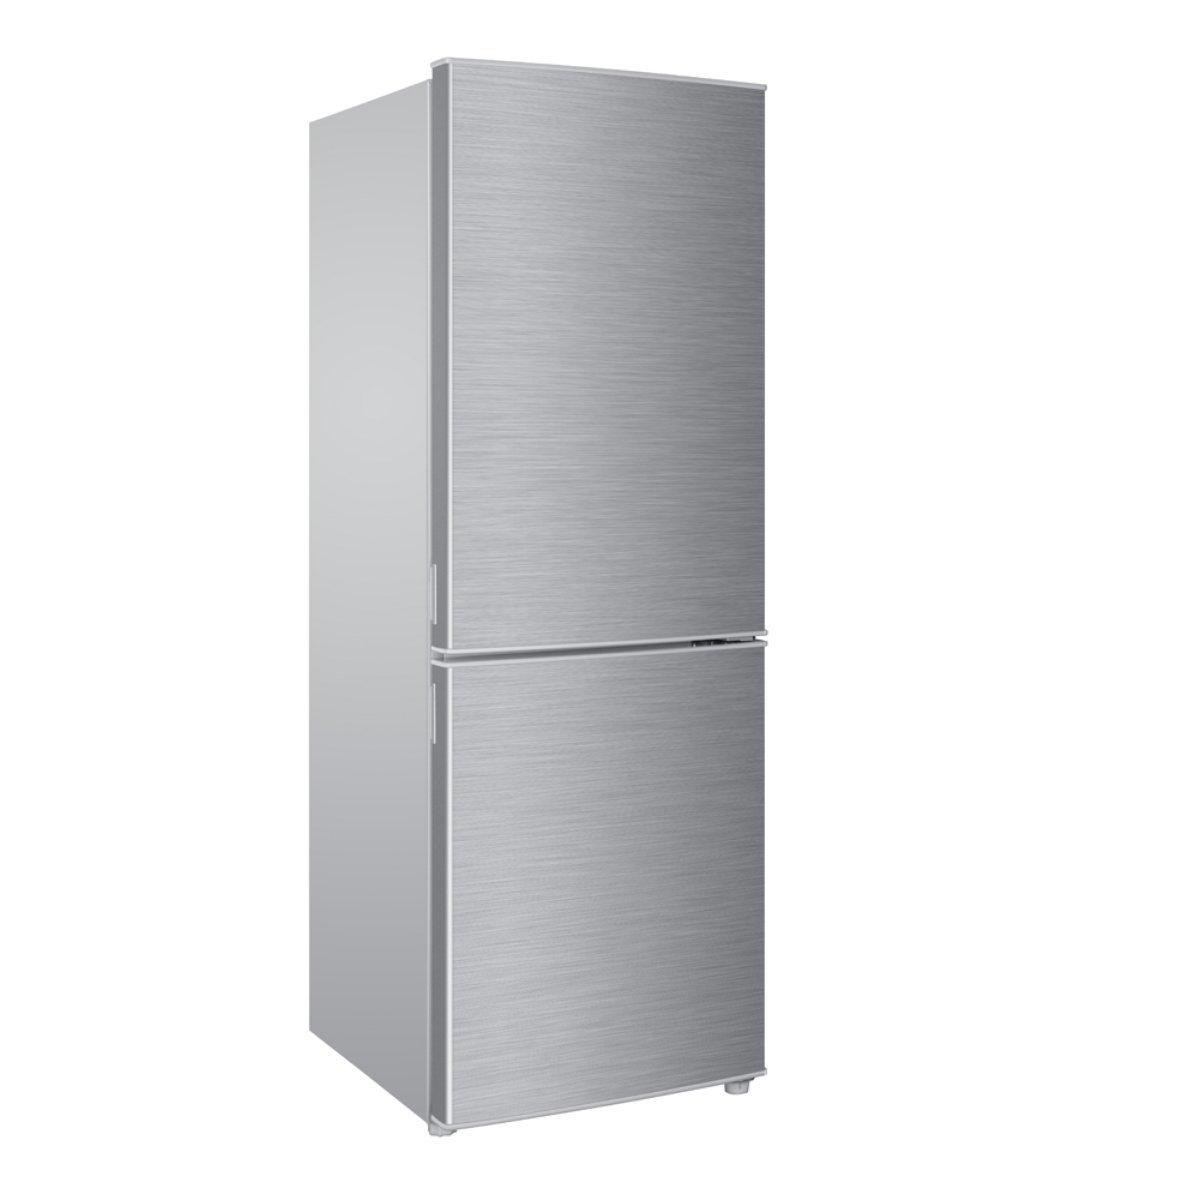 haier 海尔 双开门冰箱 bcd-176tmzl